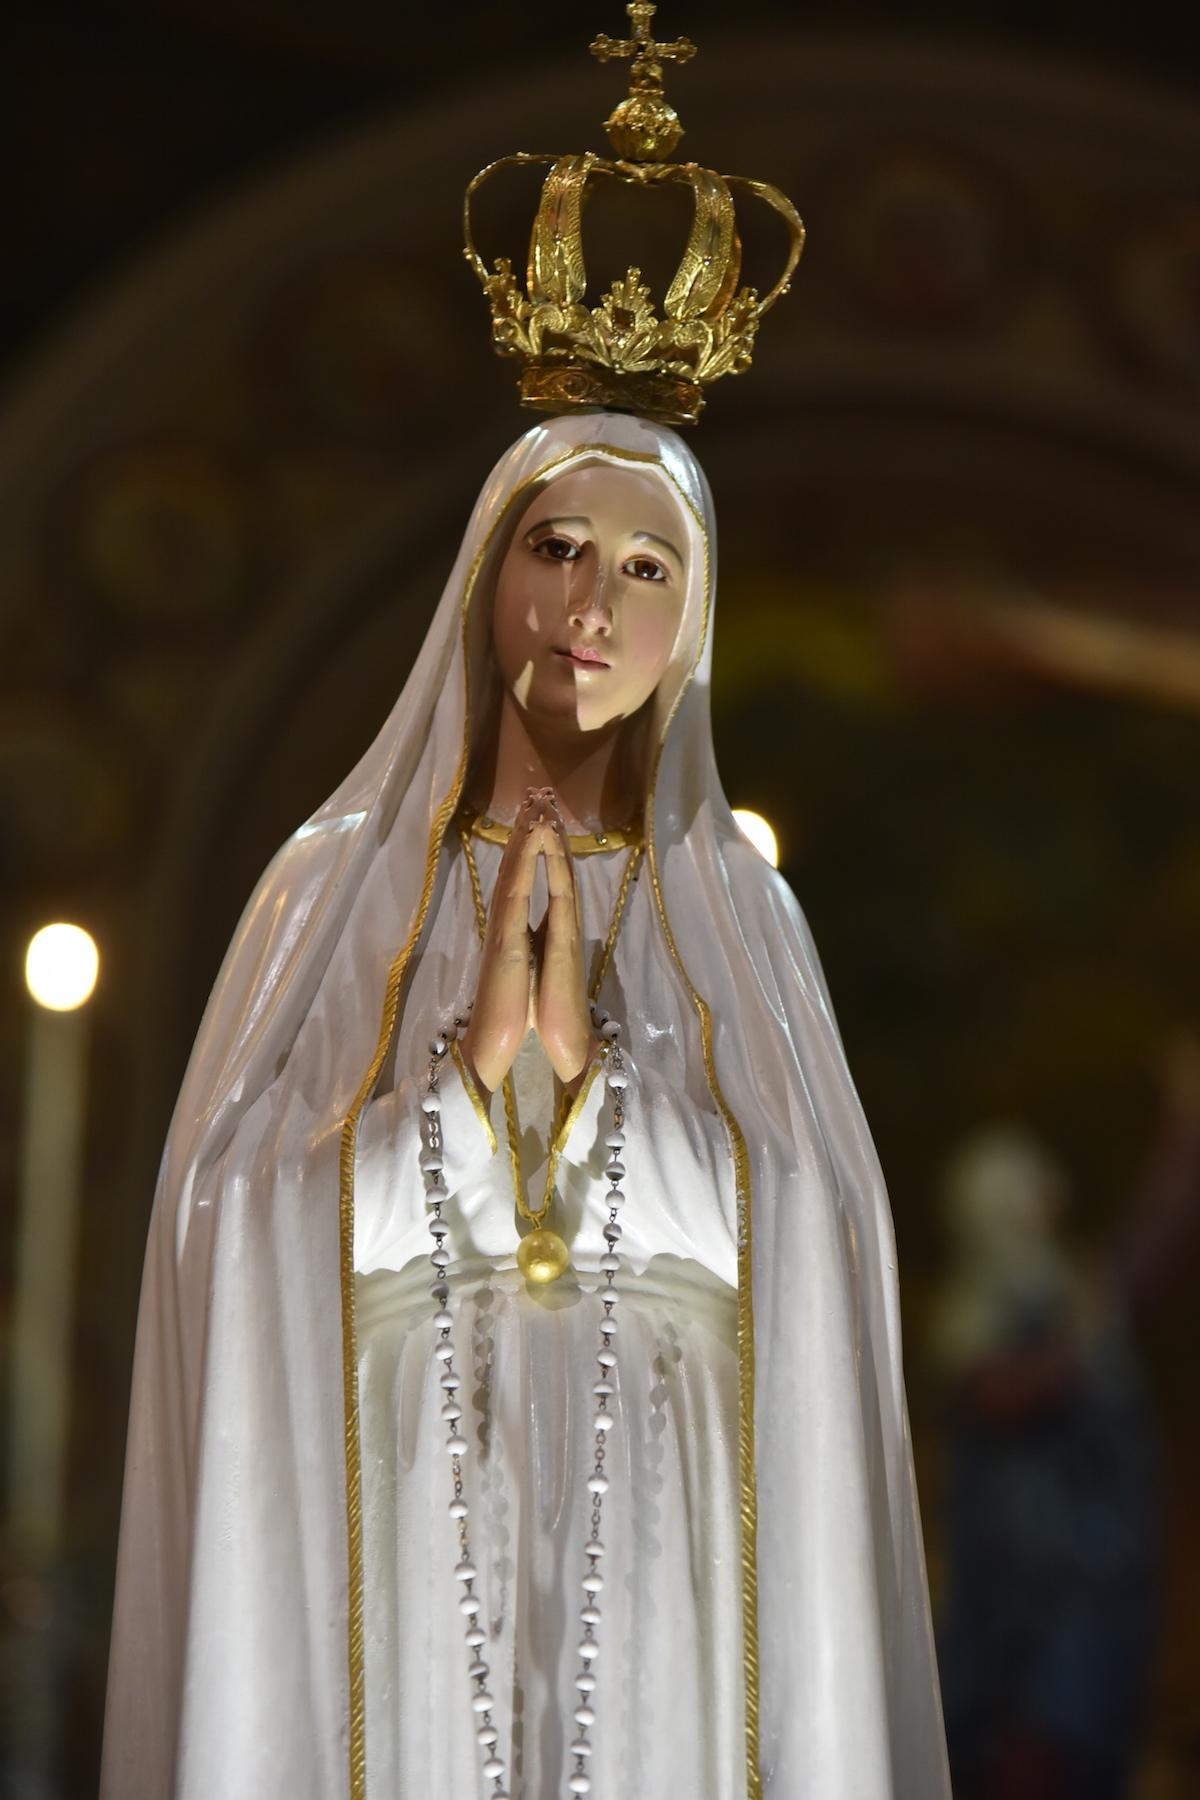 La statua della Madonna di Fatima è arrivata ad Asti